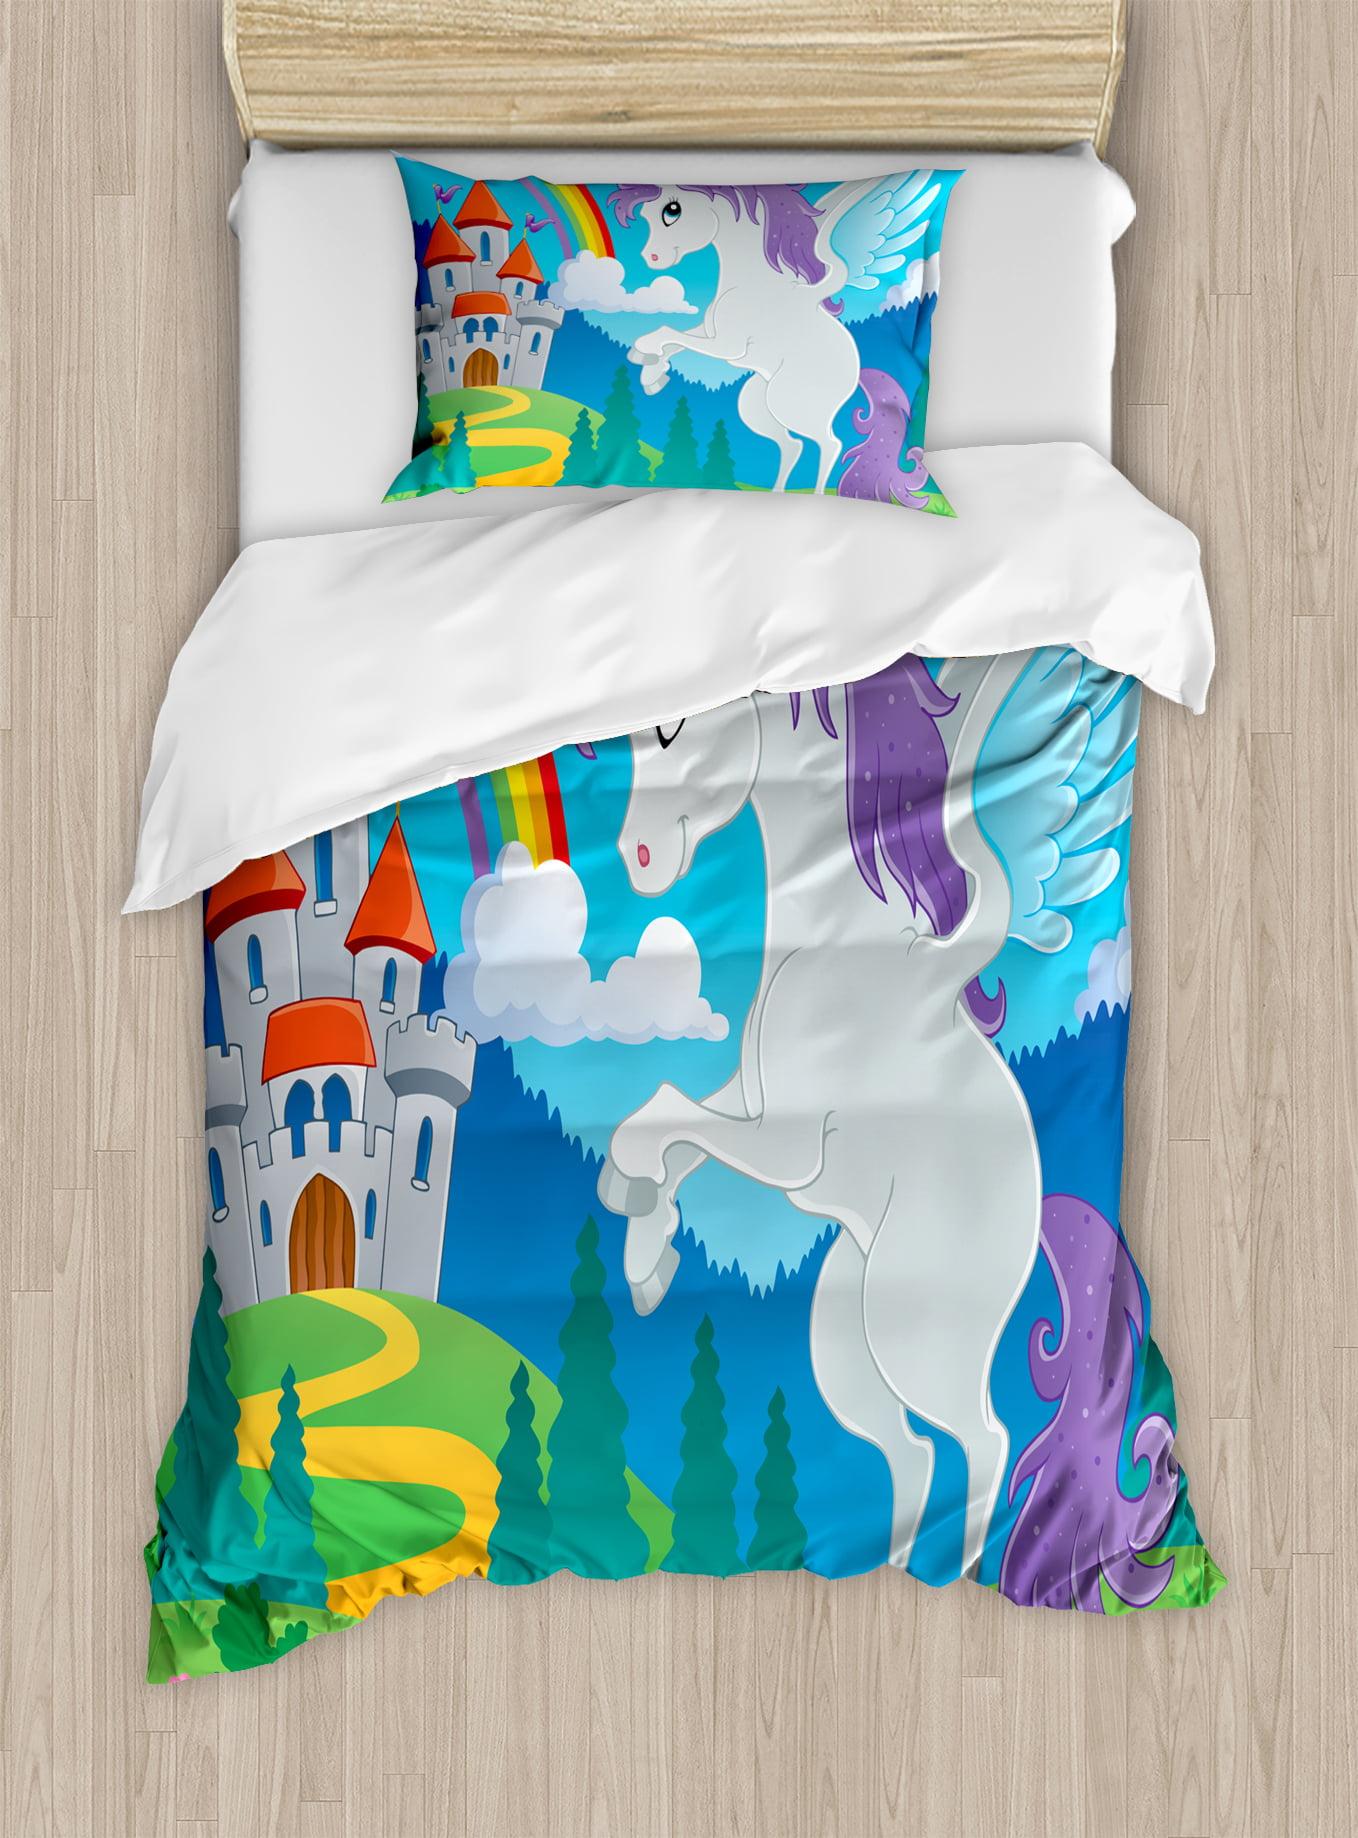 Unicorn Bedroom Set: Kids Duvet Cover Set, Fantasy Mythical Unicorn With